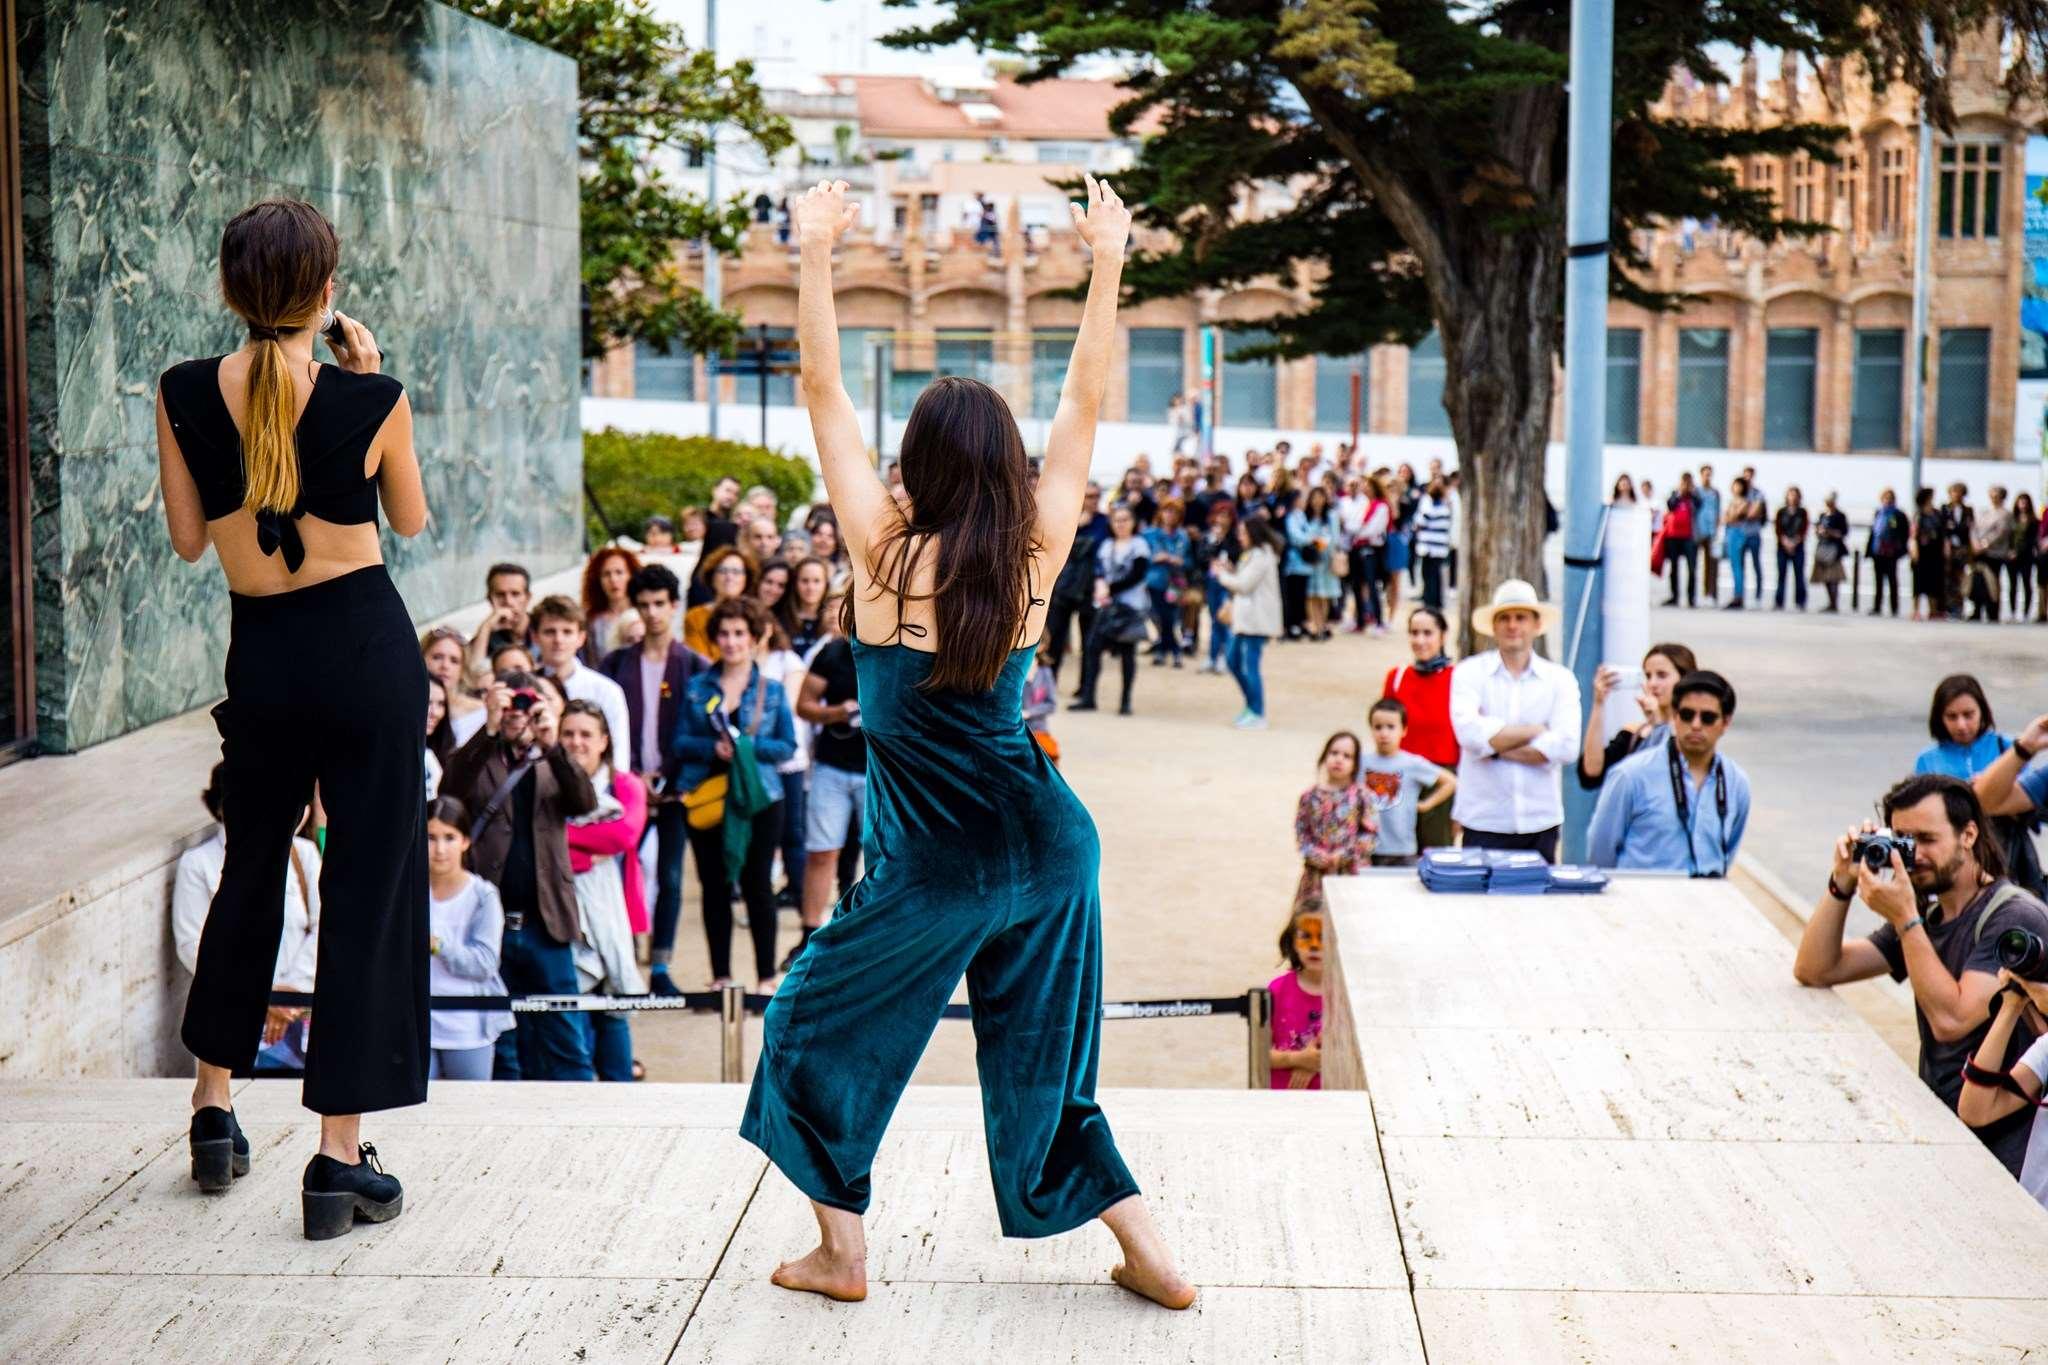 Mies van der Rohe i dansa contemporània